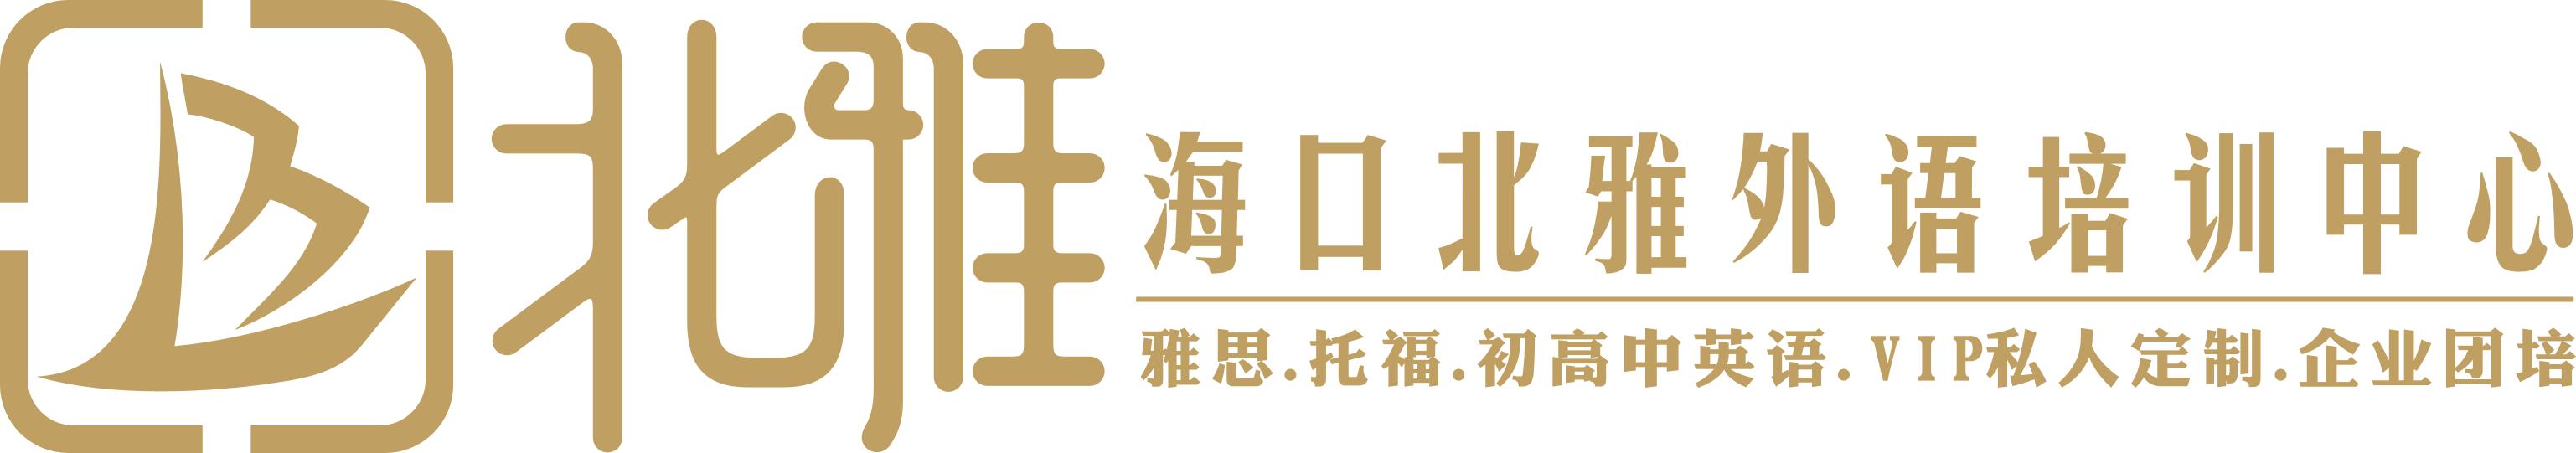 海口北雅外语培训中心